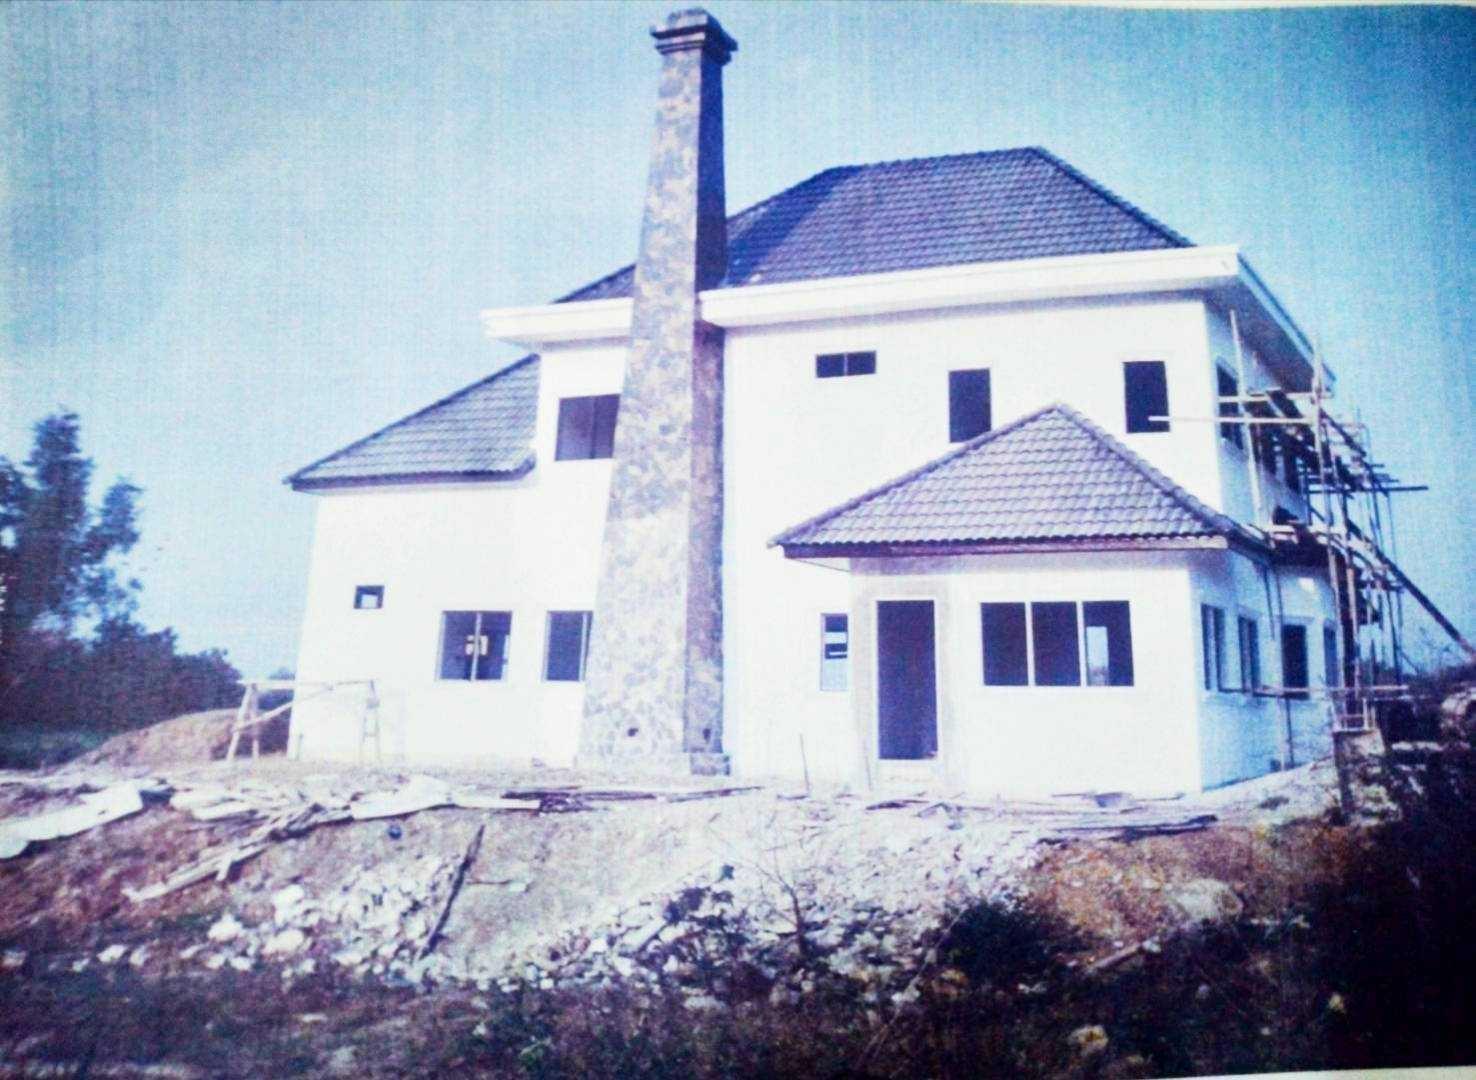 ขาย บ้านเดี่ยว+ที่ดิน  ท่าม่วง กาญจนบุรี